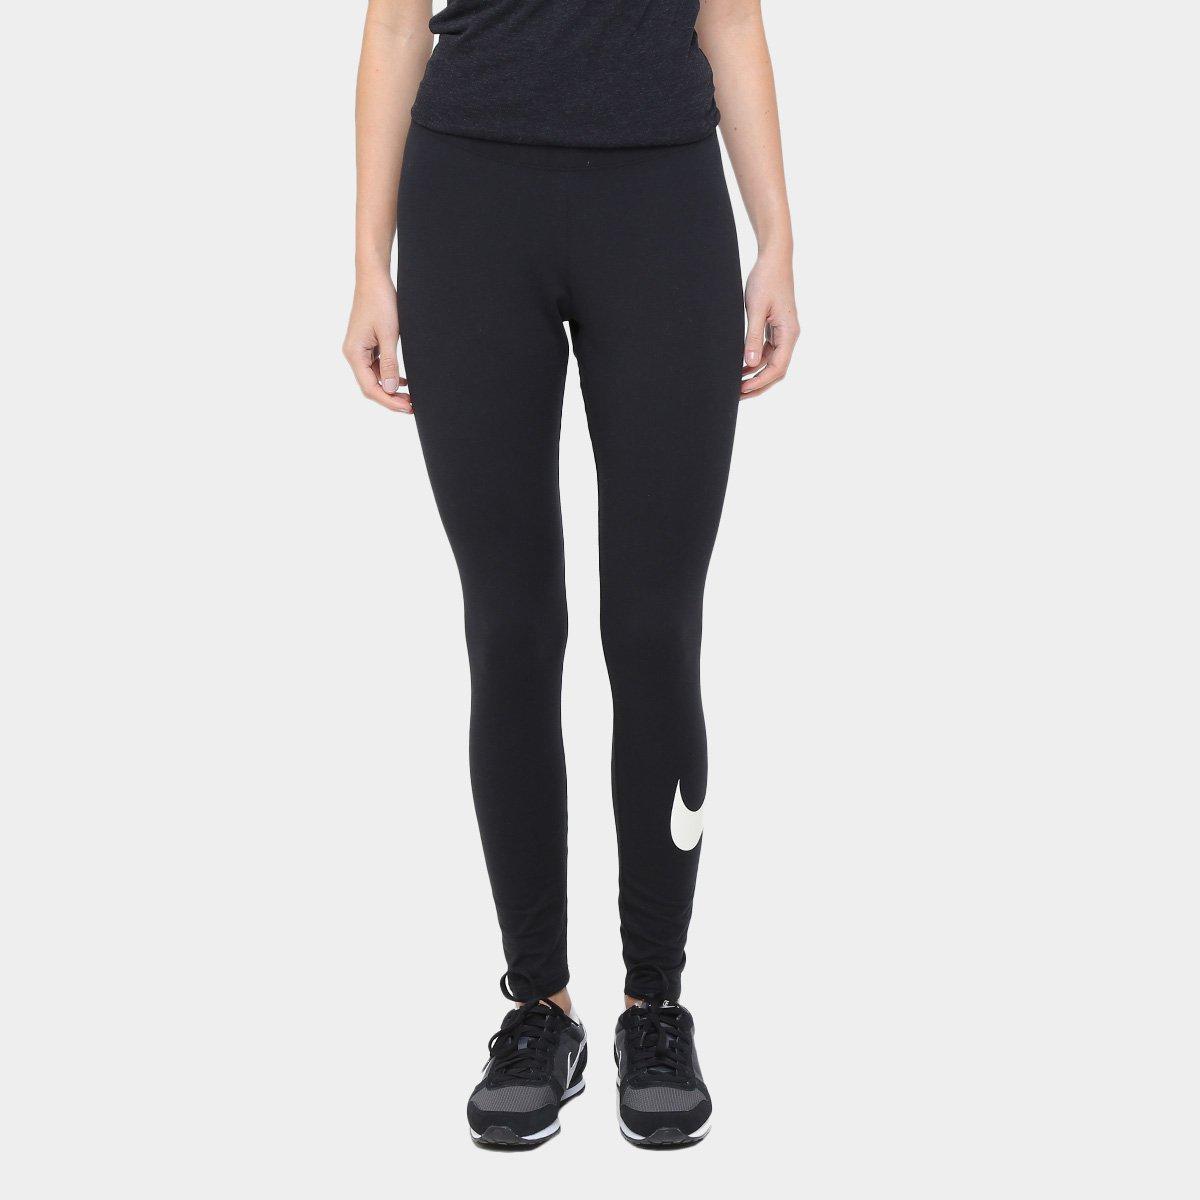 Calça Legging Nike Logo Club - Compre Agora  0ec33b4131c83